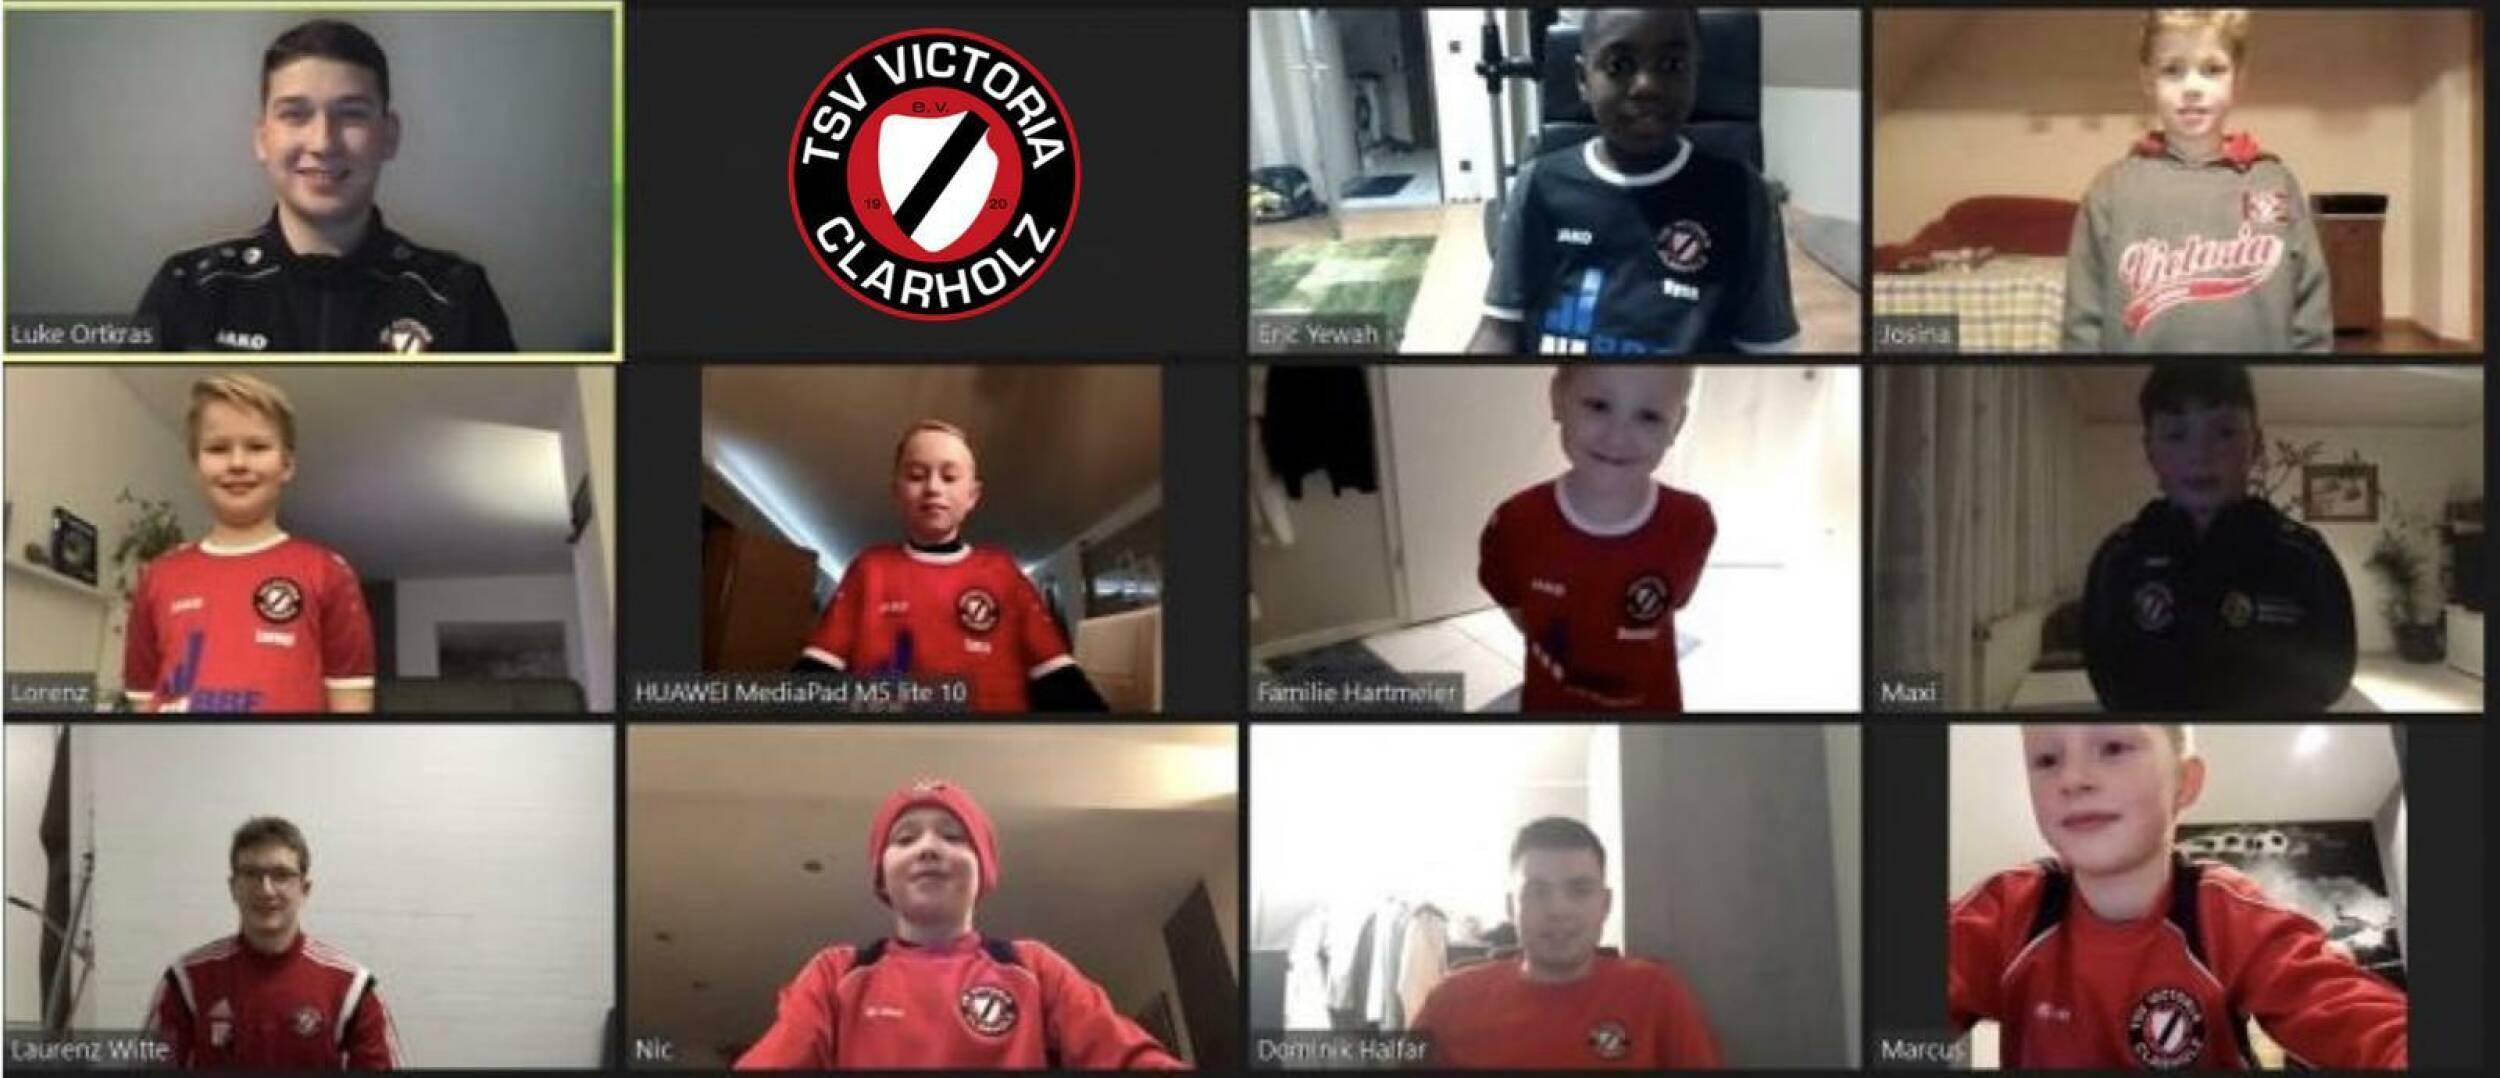 Fußball<br>Fußballjugend online aktiv